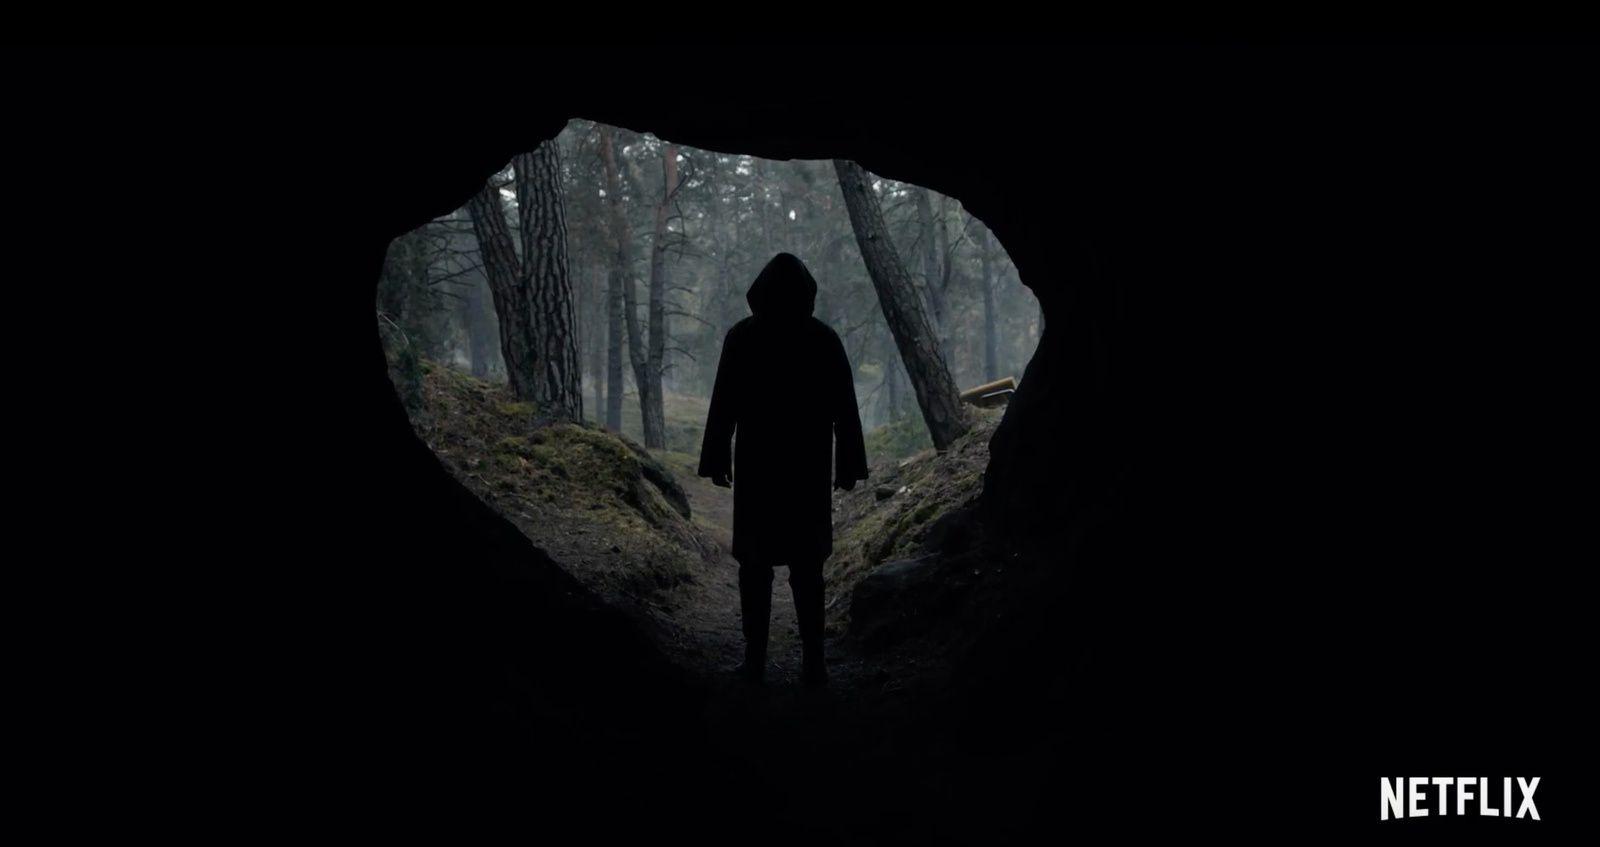 Teaser vidéo de Dark, série disponible début décembre sur Netflix.